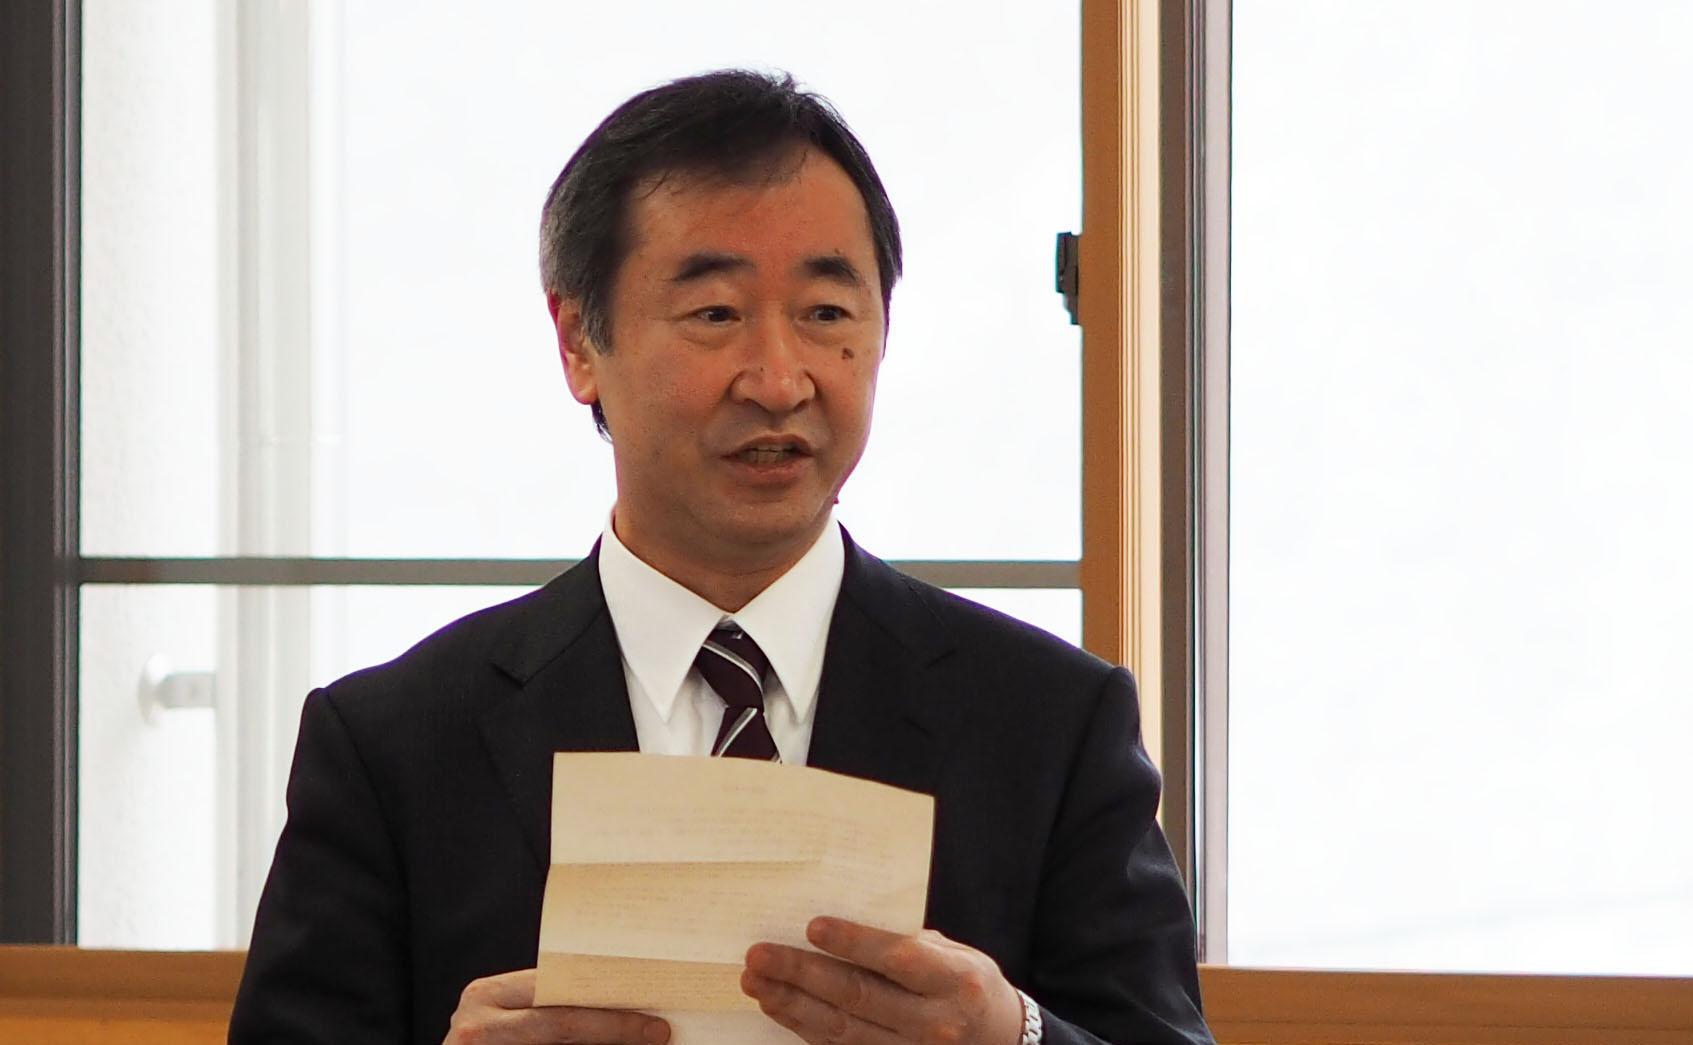 神岡町北部会館の全館を改修し、KAGRAの研究スペースとして拡張